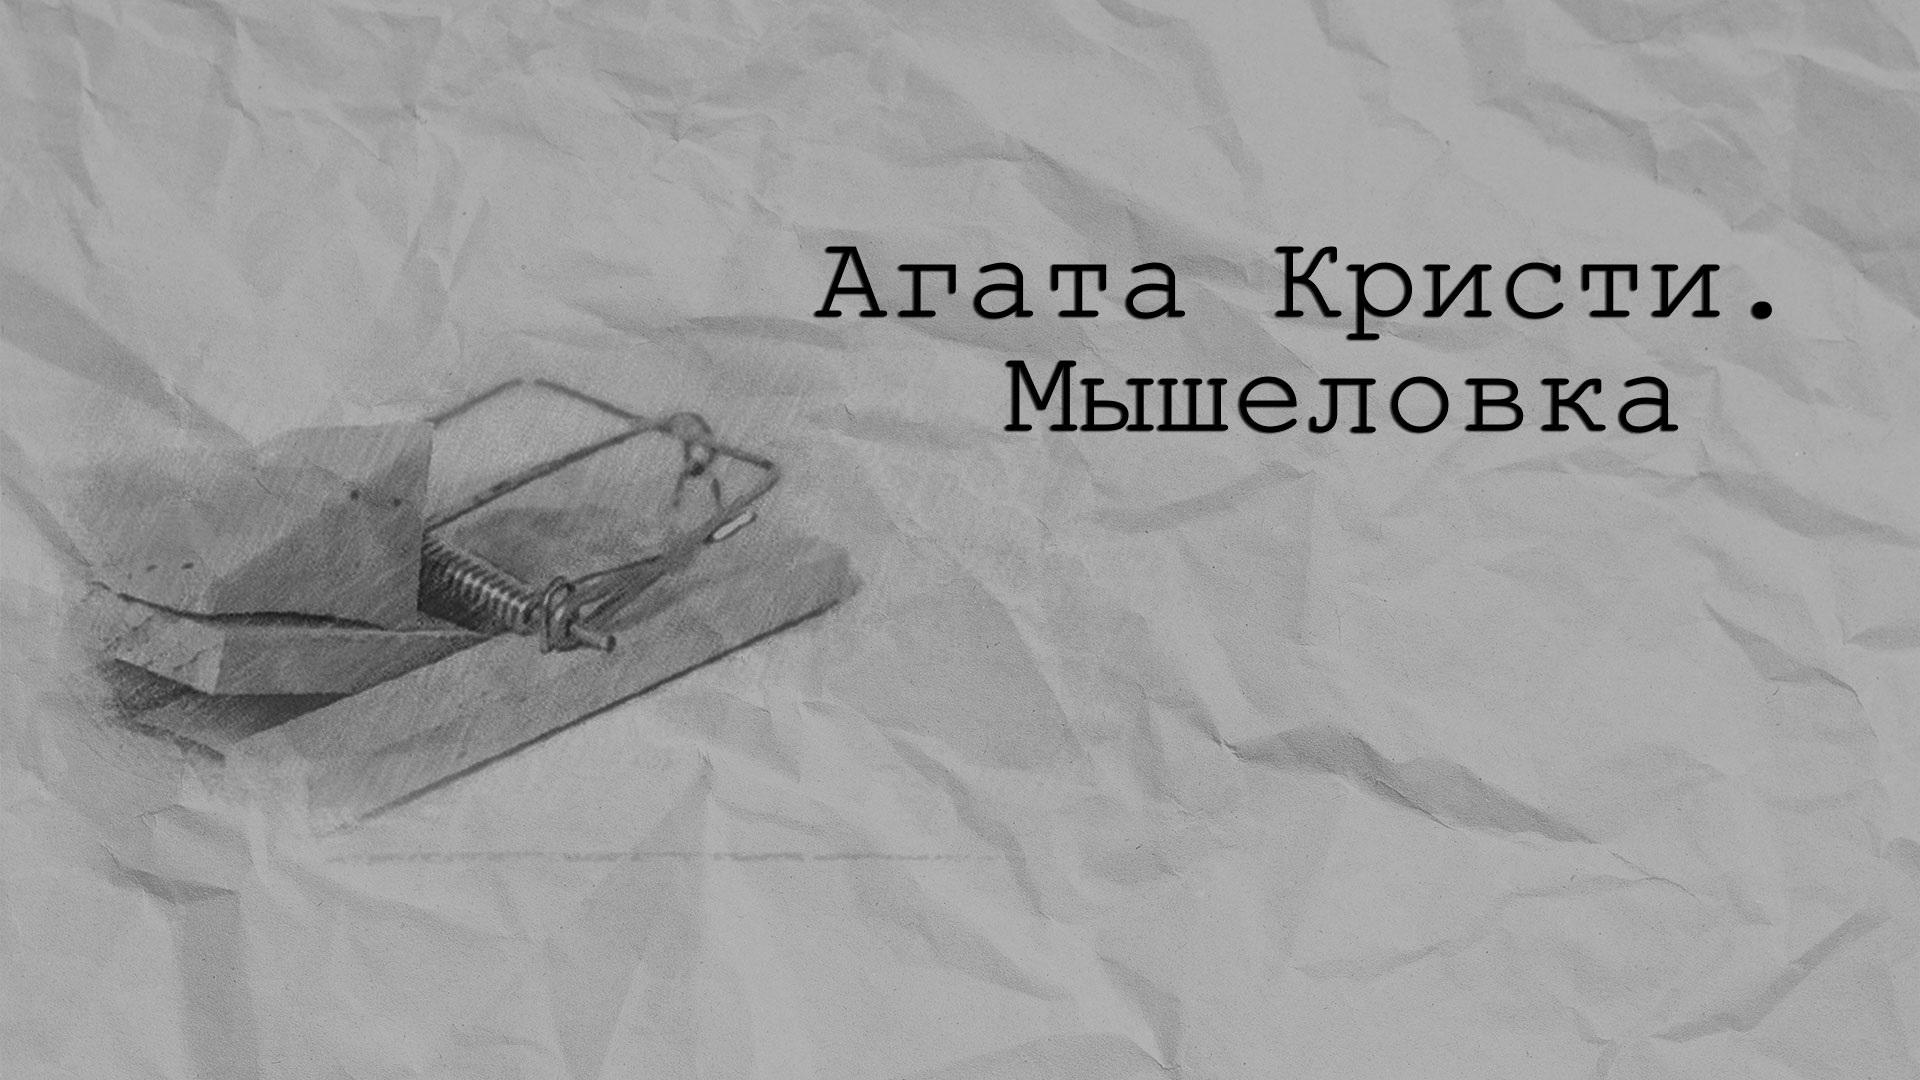 Агата Кристи. Мышеловка